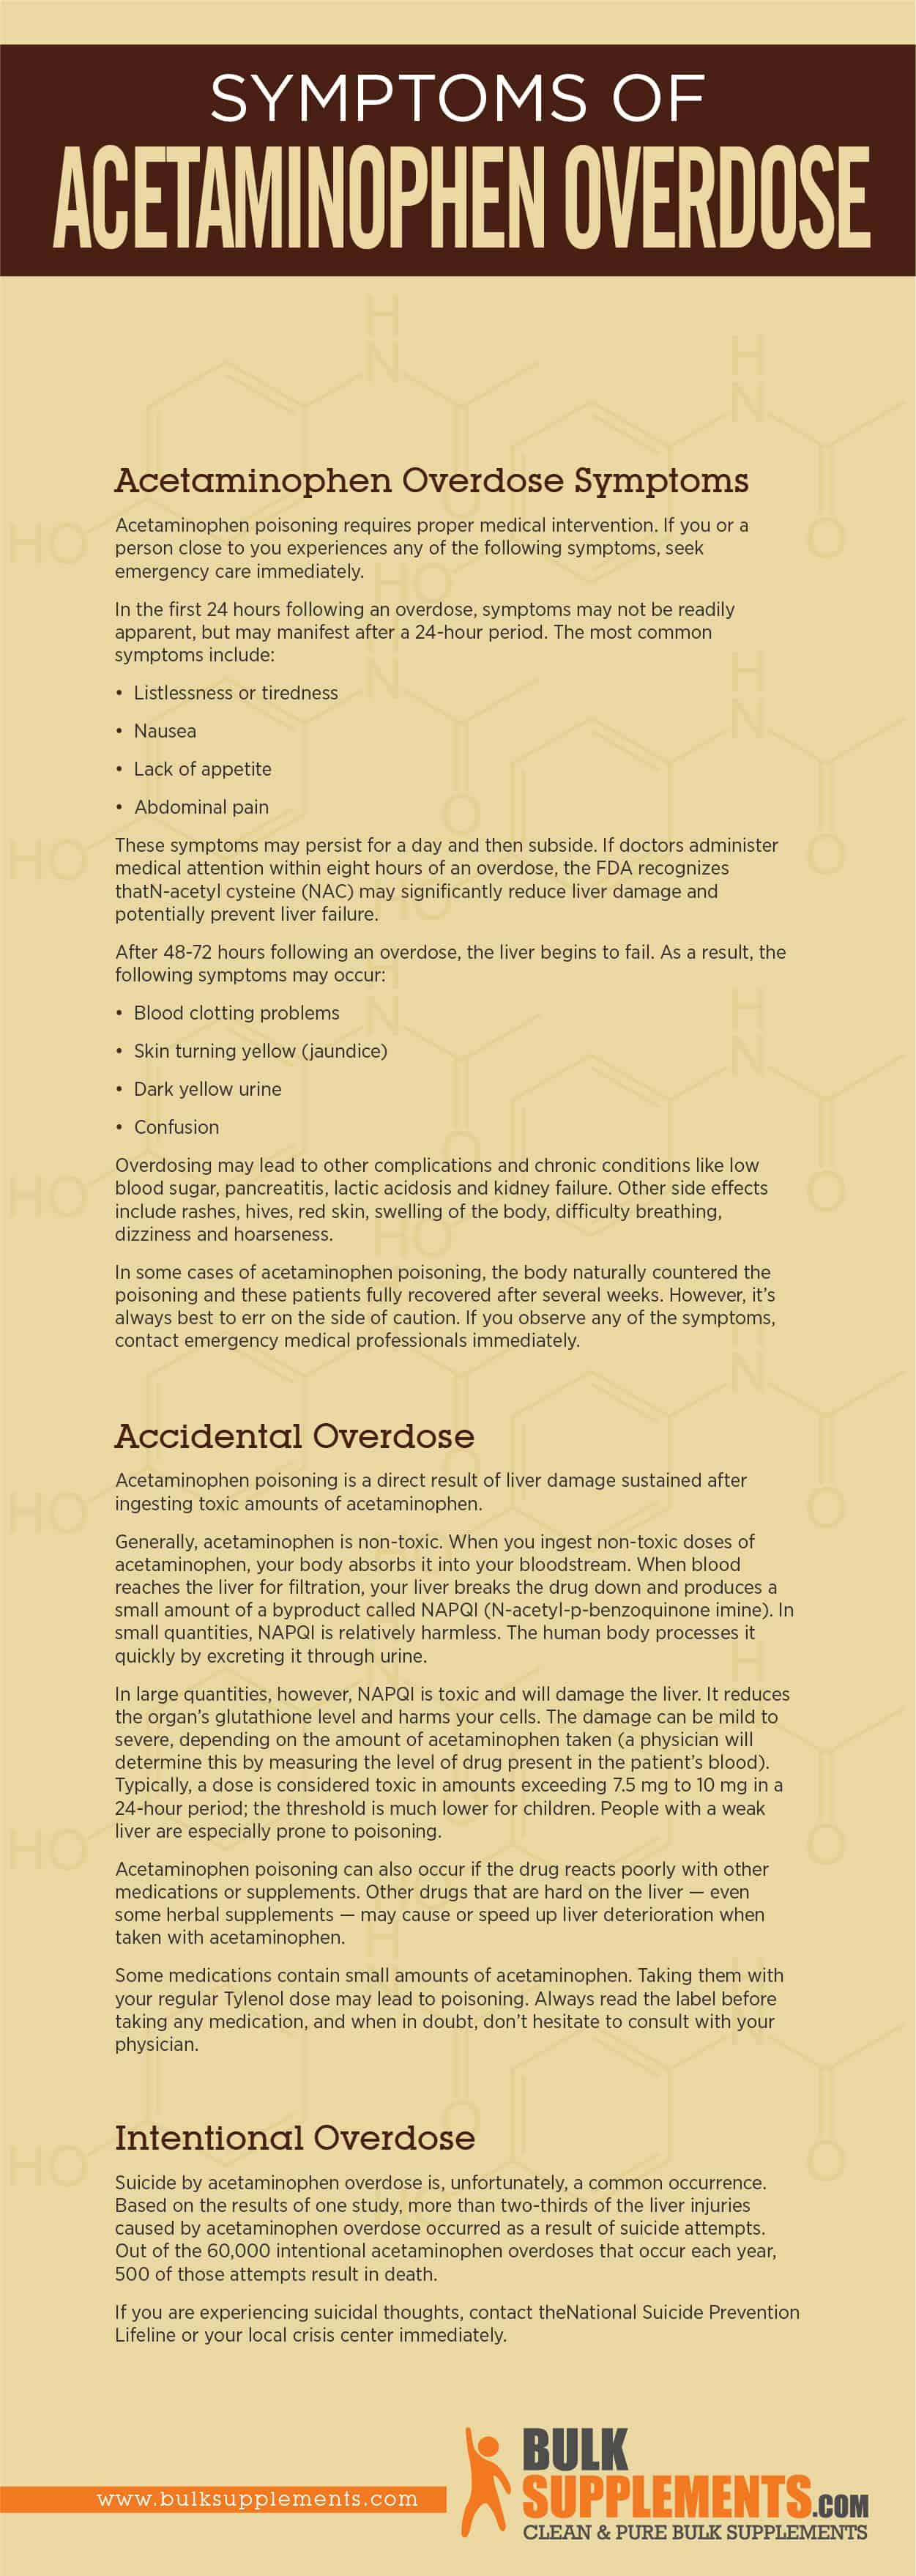 Acetaminophen Overdose Symptoms